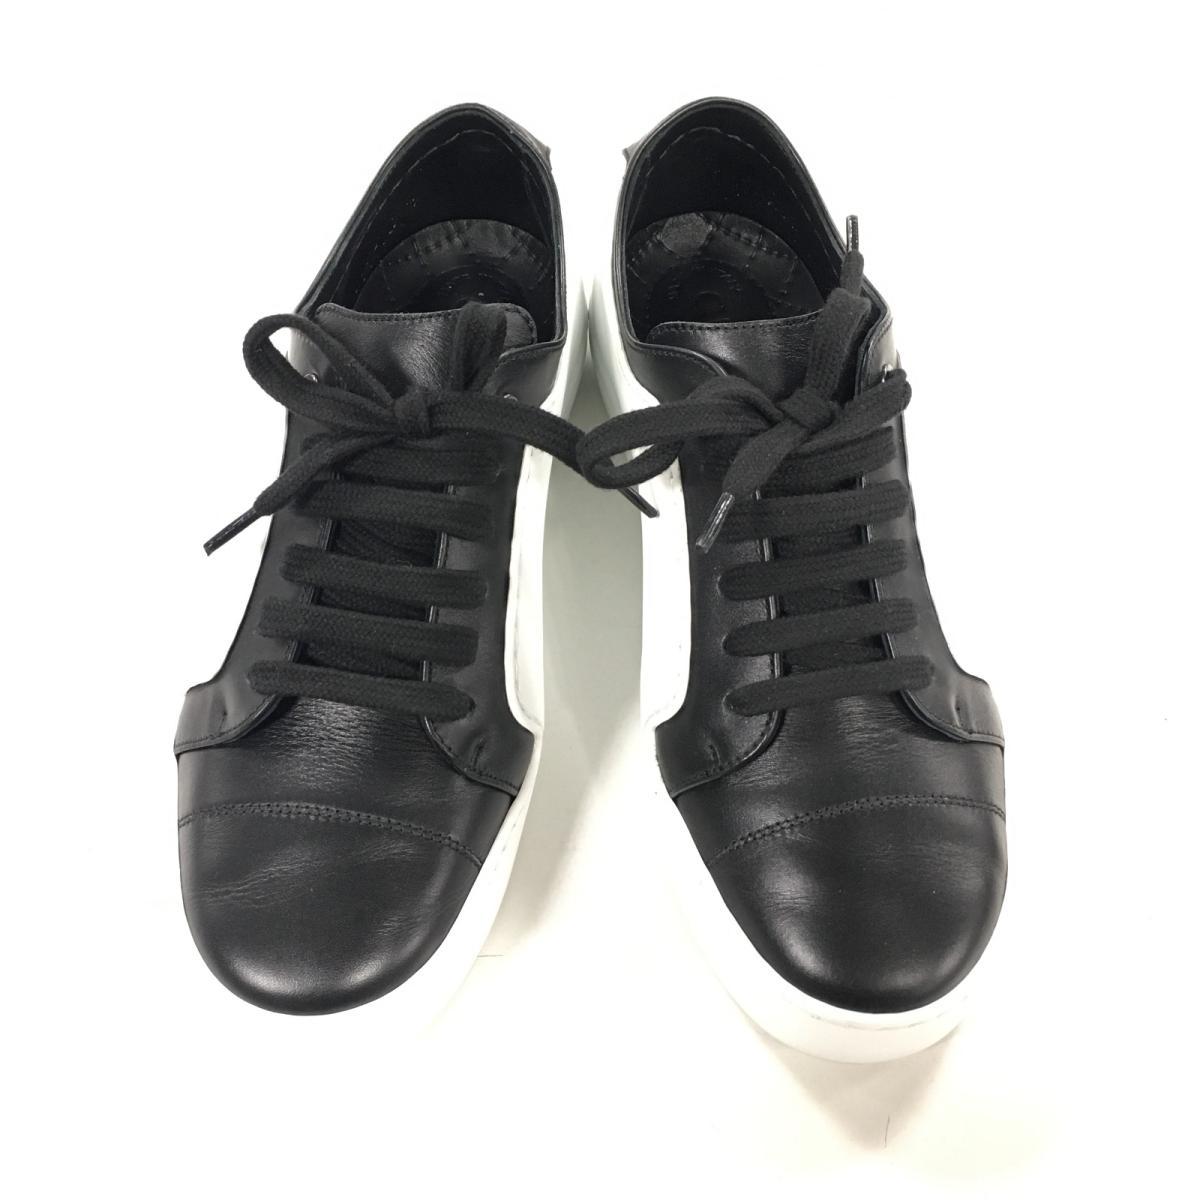 【中古】 シャネル スニーカー 靴 レディース レザー ホワイト × ブラック (G32719/2018年コレクション) | CHANEL くつ 靴 スニーカー サイズ37 ブランドオフ